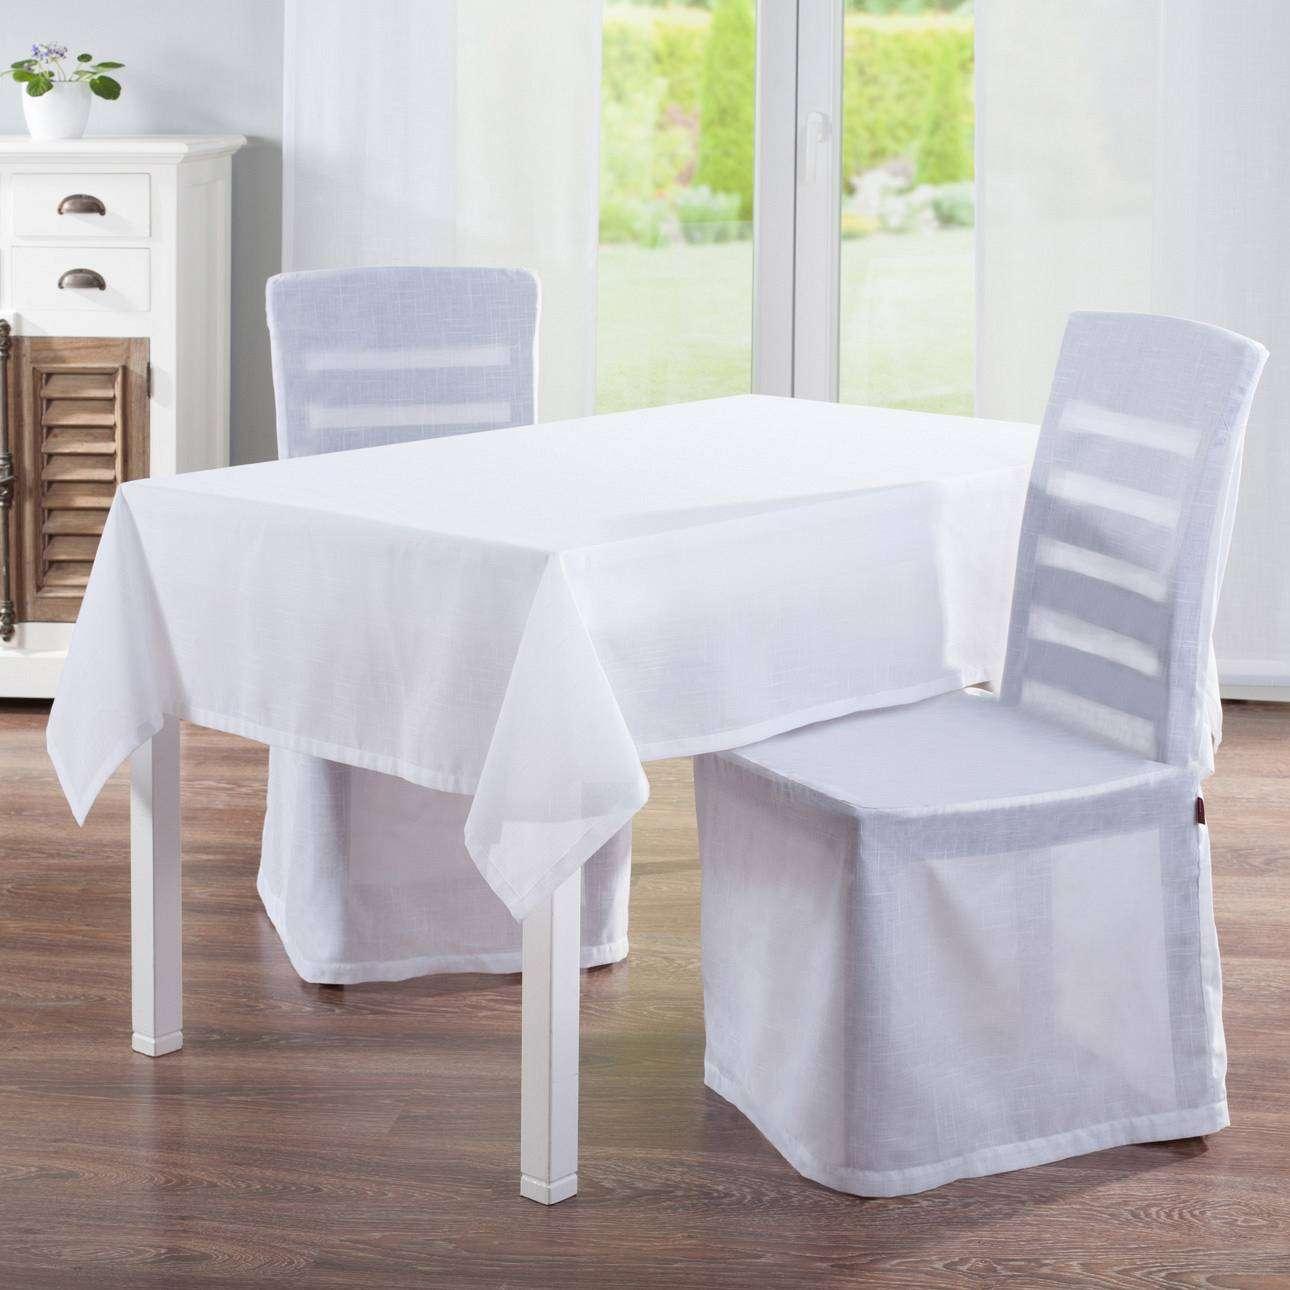 Staltiesės (stalui su kampais) 130 x 130 cm kolekcijoje Romantica, audinys: 128-77